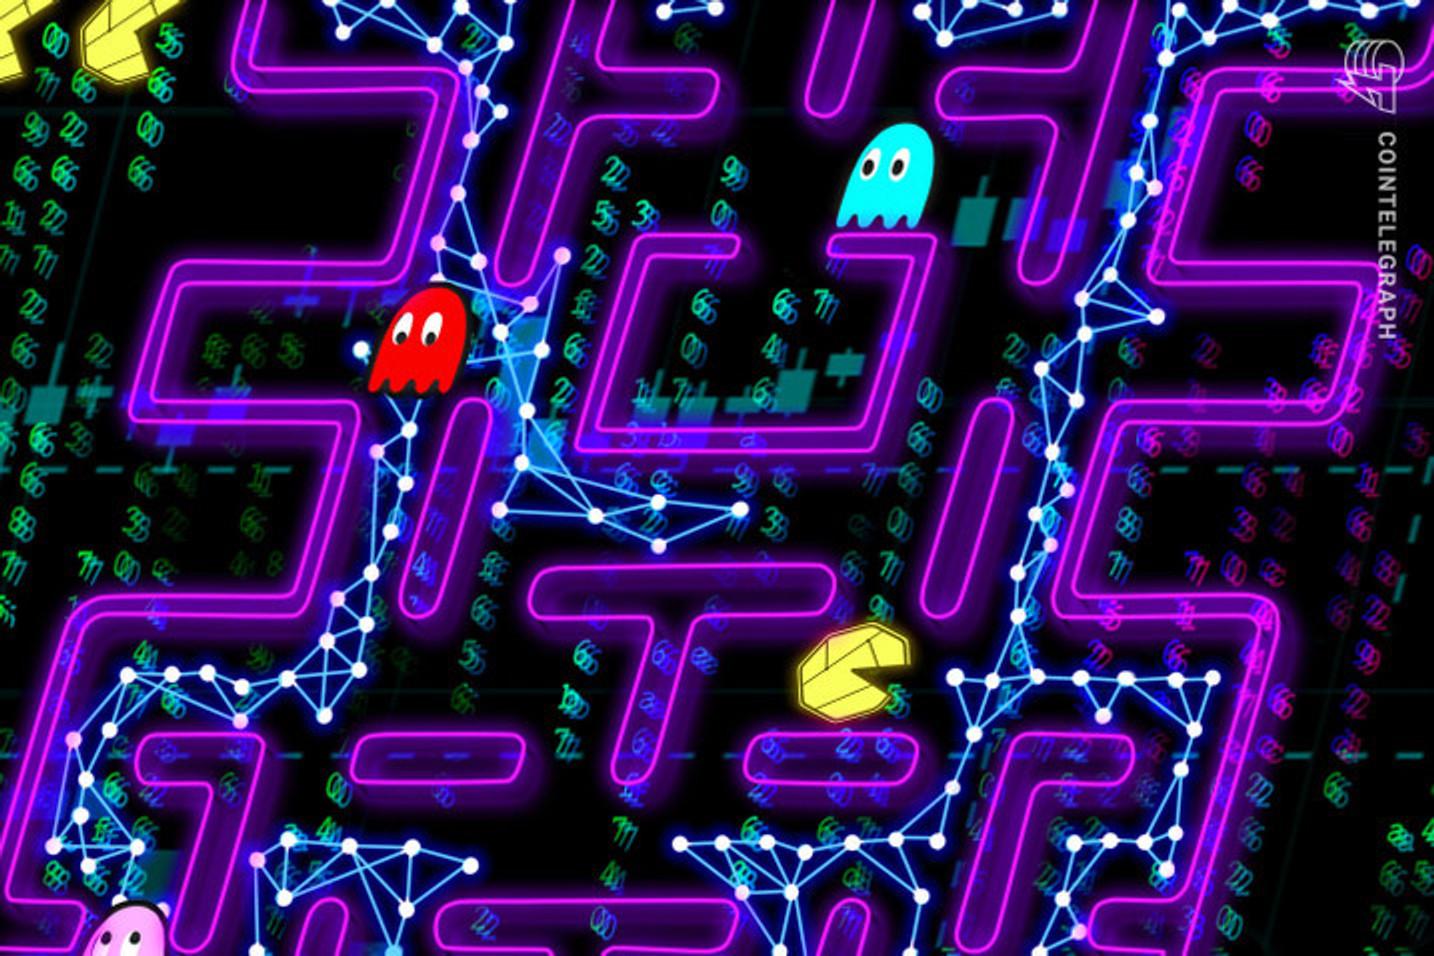 A economia virtual em torno dos jogos como Roblox e Decentraland